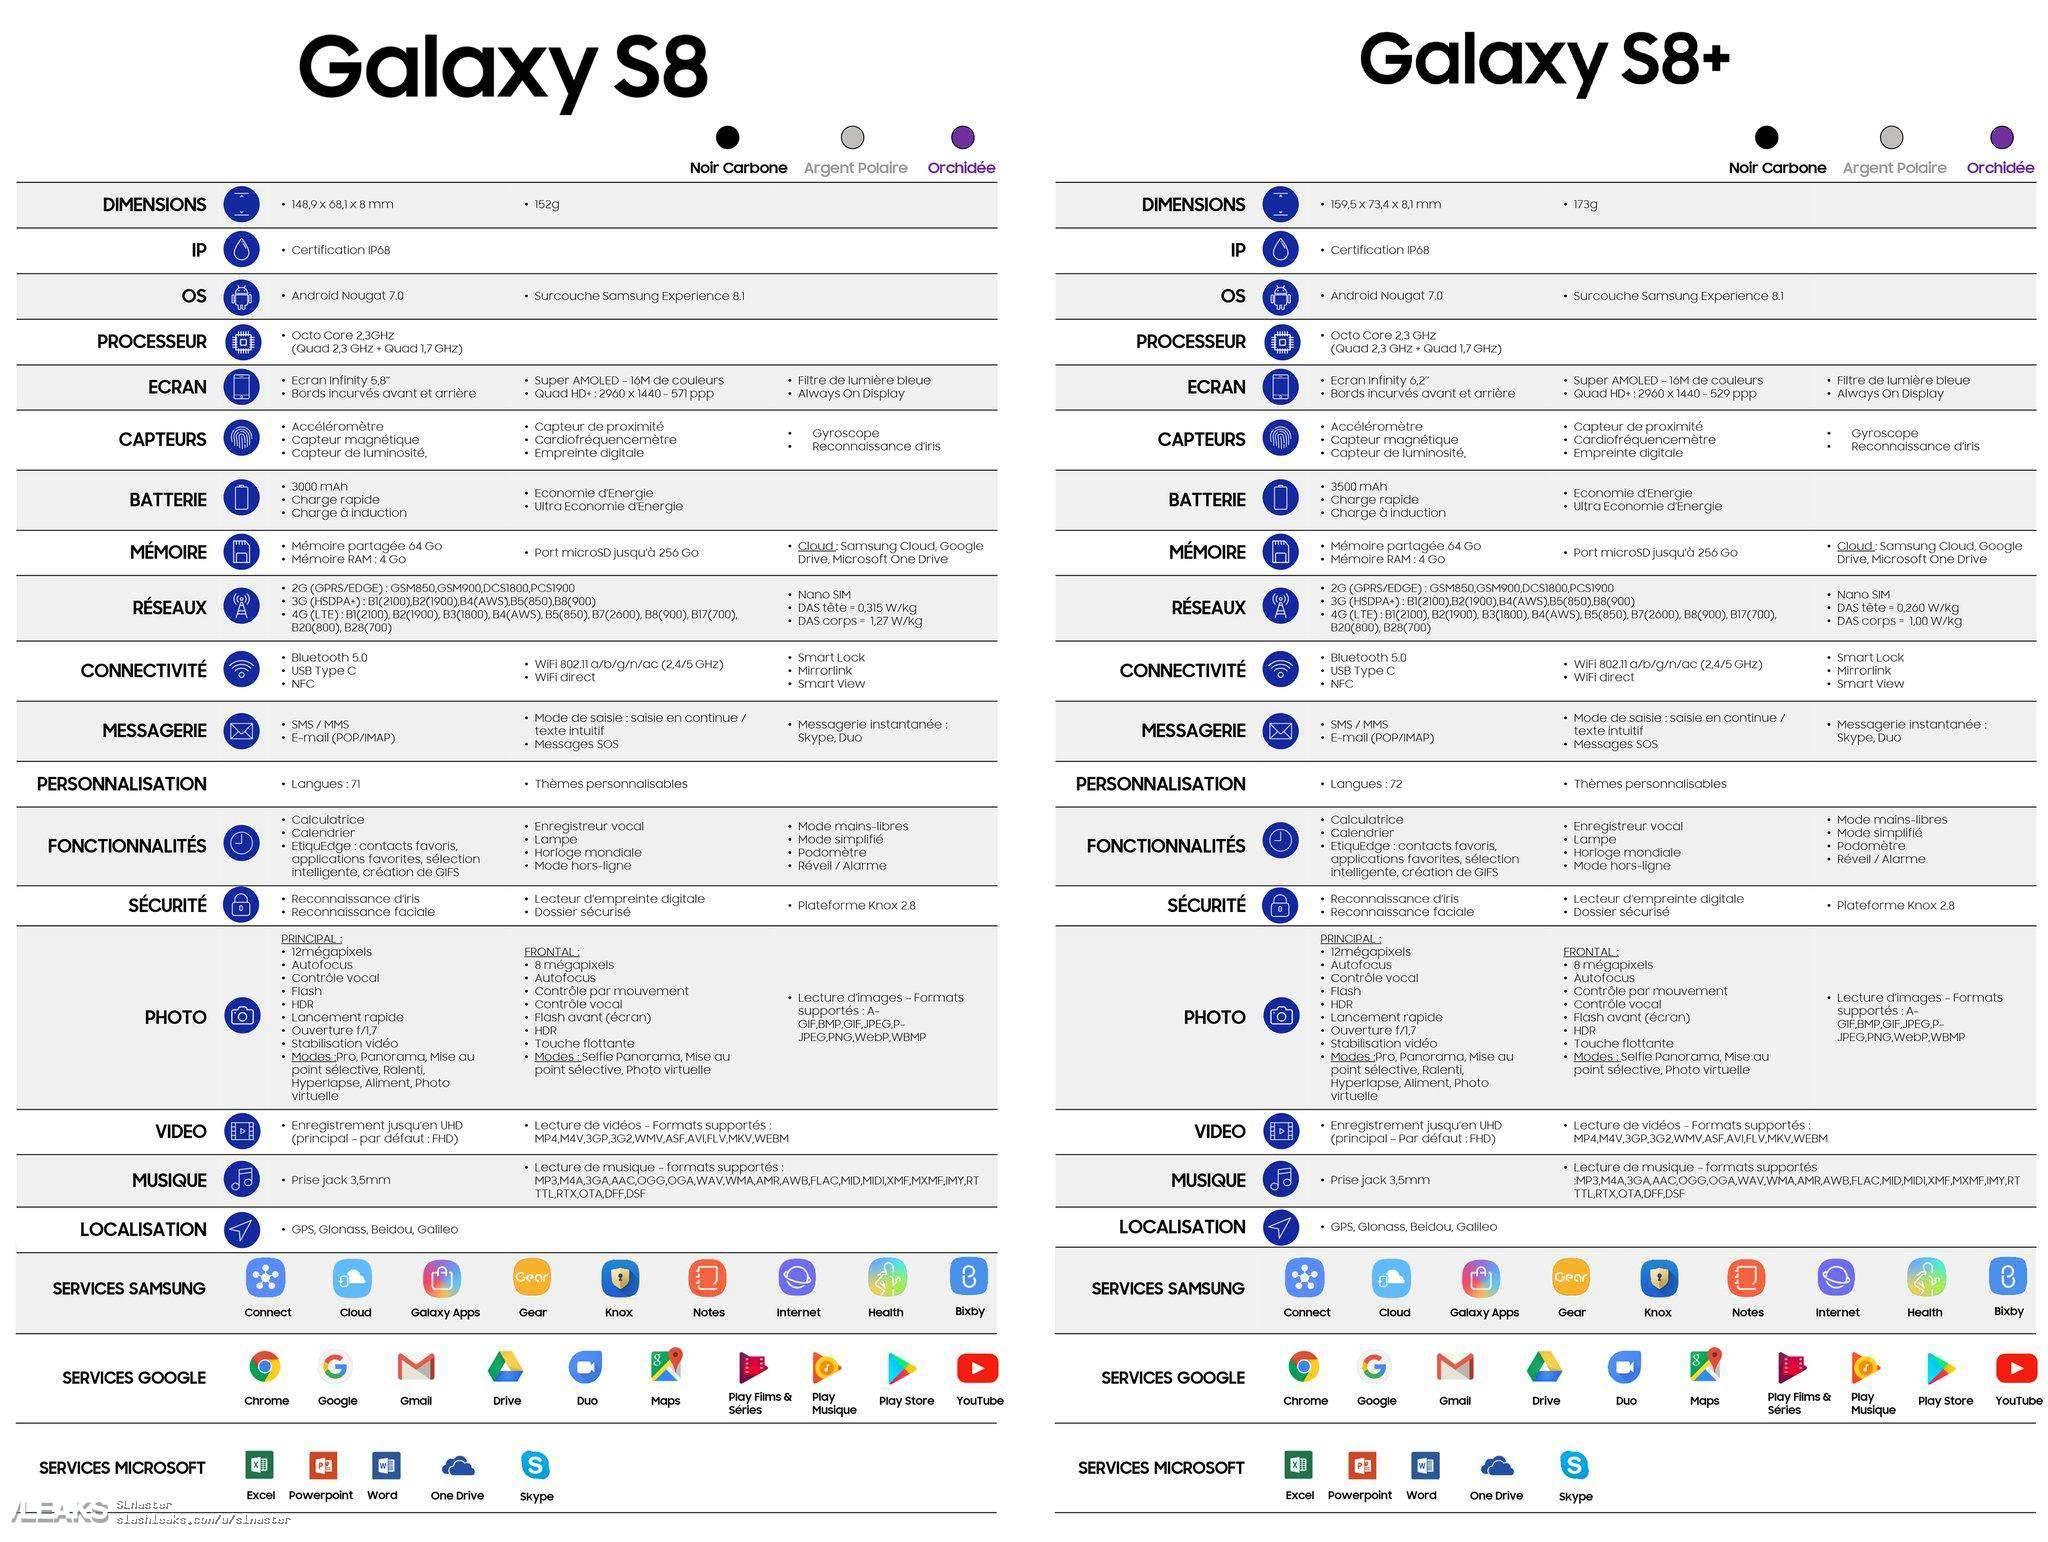 Tak wygląda kompletna specyfikacja Samsung Galaxy S8 i Galaxy S8+ polecane, ciekawostki samsung galaxy S8, Samsung, przekaz na żywo z prezentacji samsung galaxy s8, przekaz na żywo, prezentacja Samsung Galaxy S8 i Galaxy S8+, prezentacja galaxy s8 na żywo, konferencja, gdzie oglądać prezentację galaxy s8, galaxy s8 livestream, galaxy s8  Prezentacja Samsunga Galaxy S8 i Galaxy S8+ dopiero wieczorem, a w sieci są już dostępne kompletne specyfikacje nadchodzących Samsungów. s8